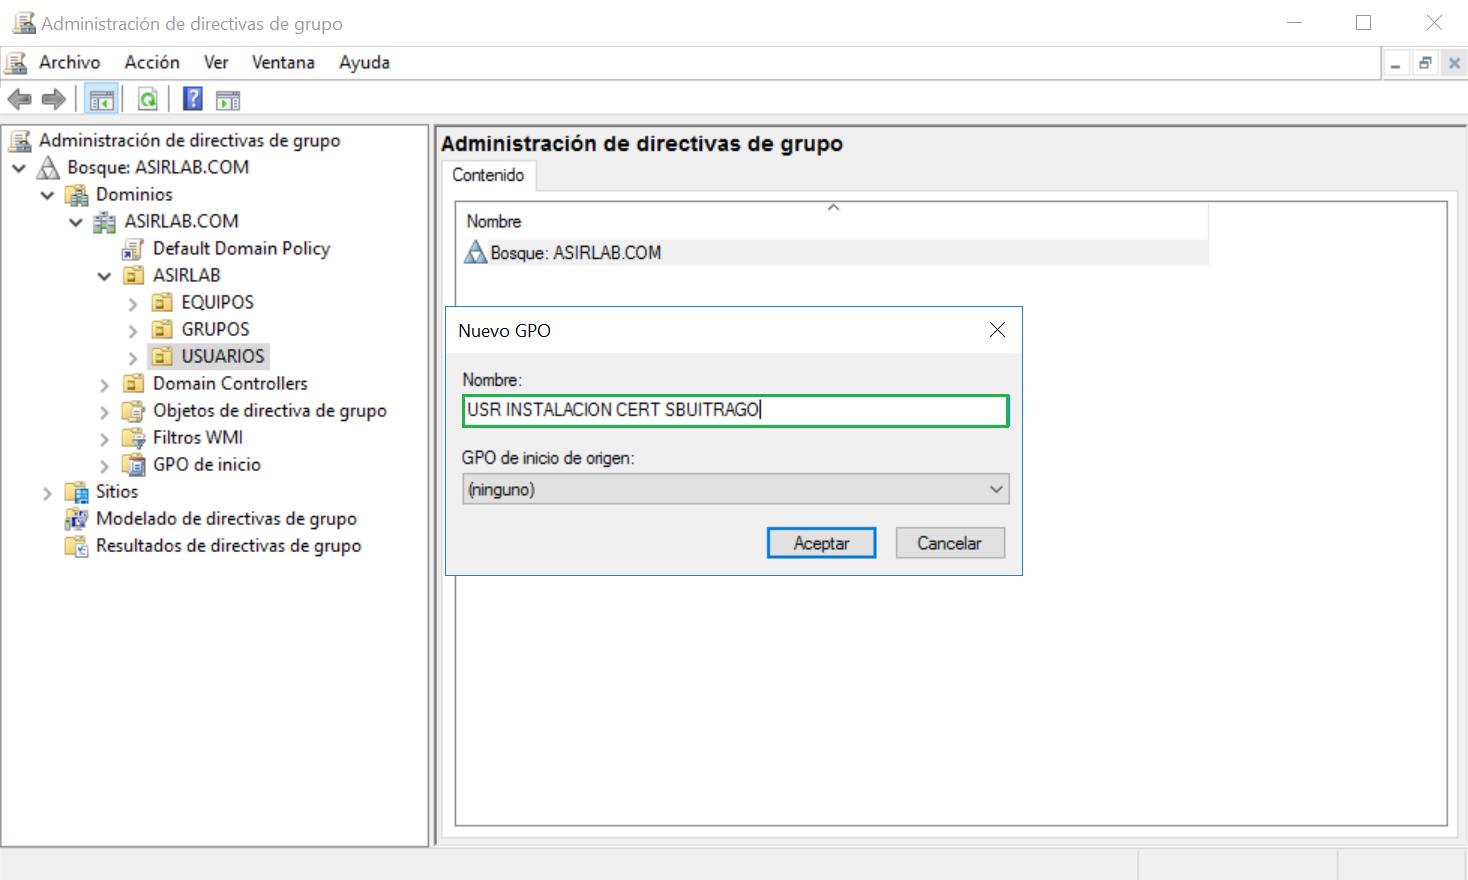 instalar_certificados_usuarios_via_gpo_20